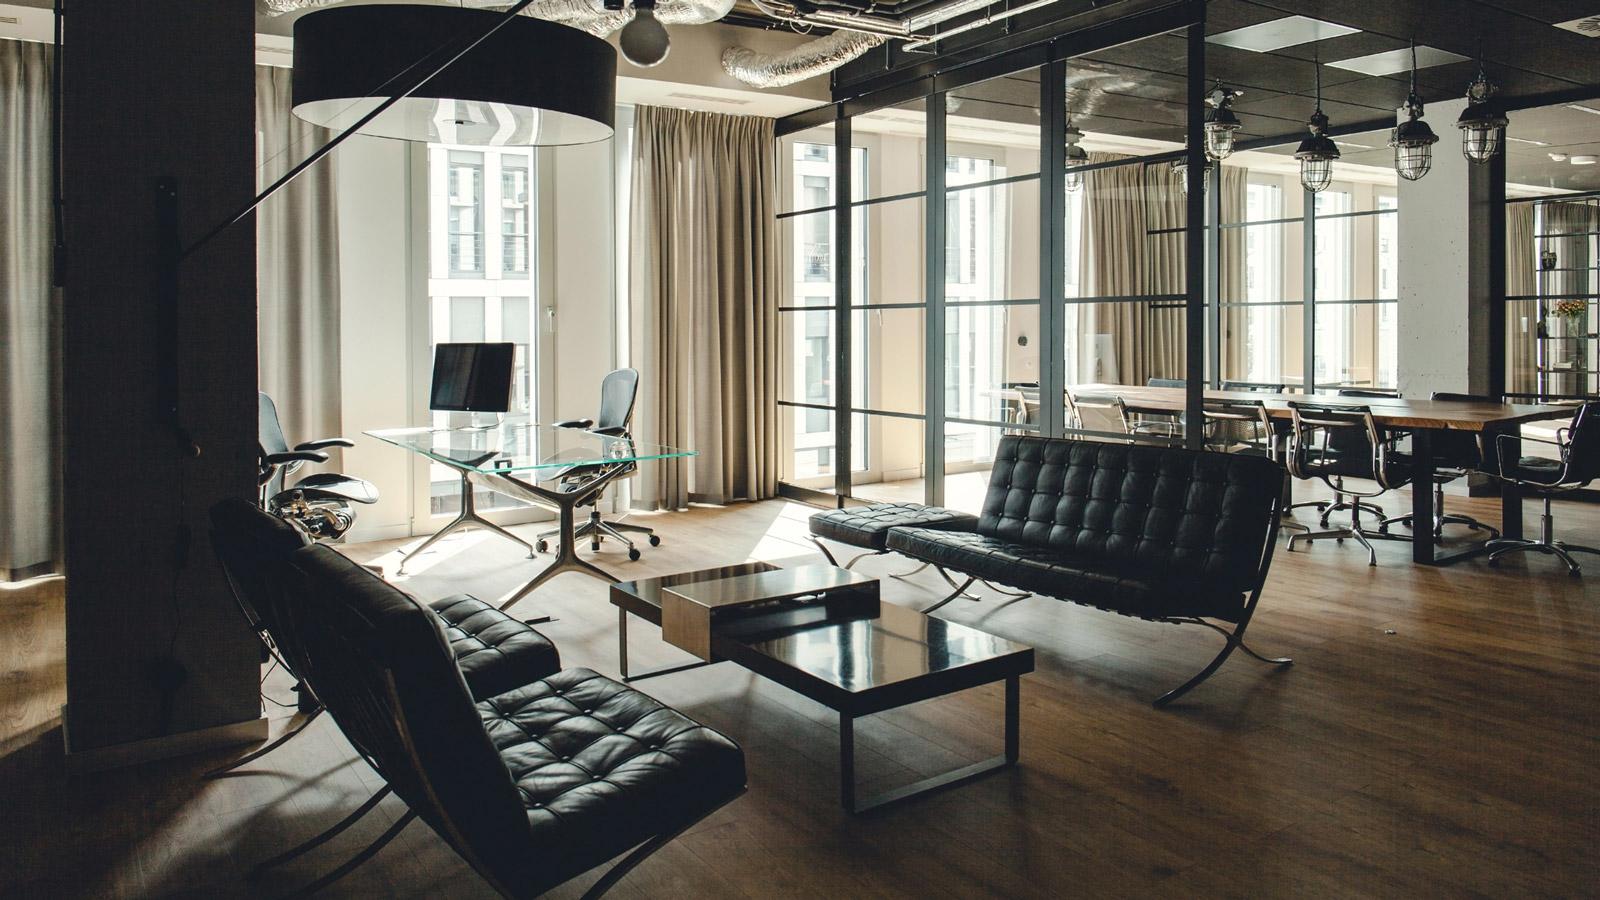 Najlepsze biura w Polsce Biura chimney poland biuro w branzy kreatywnej 3